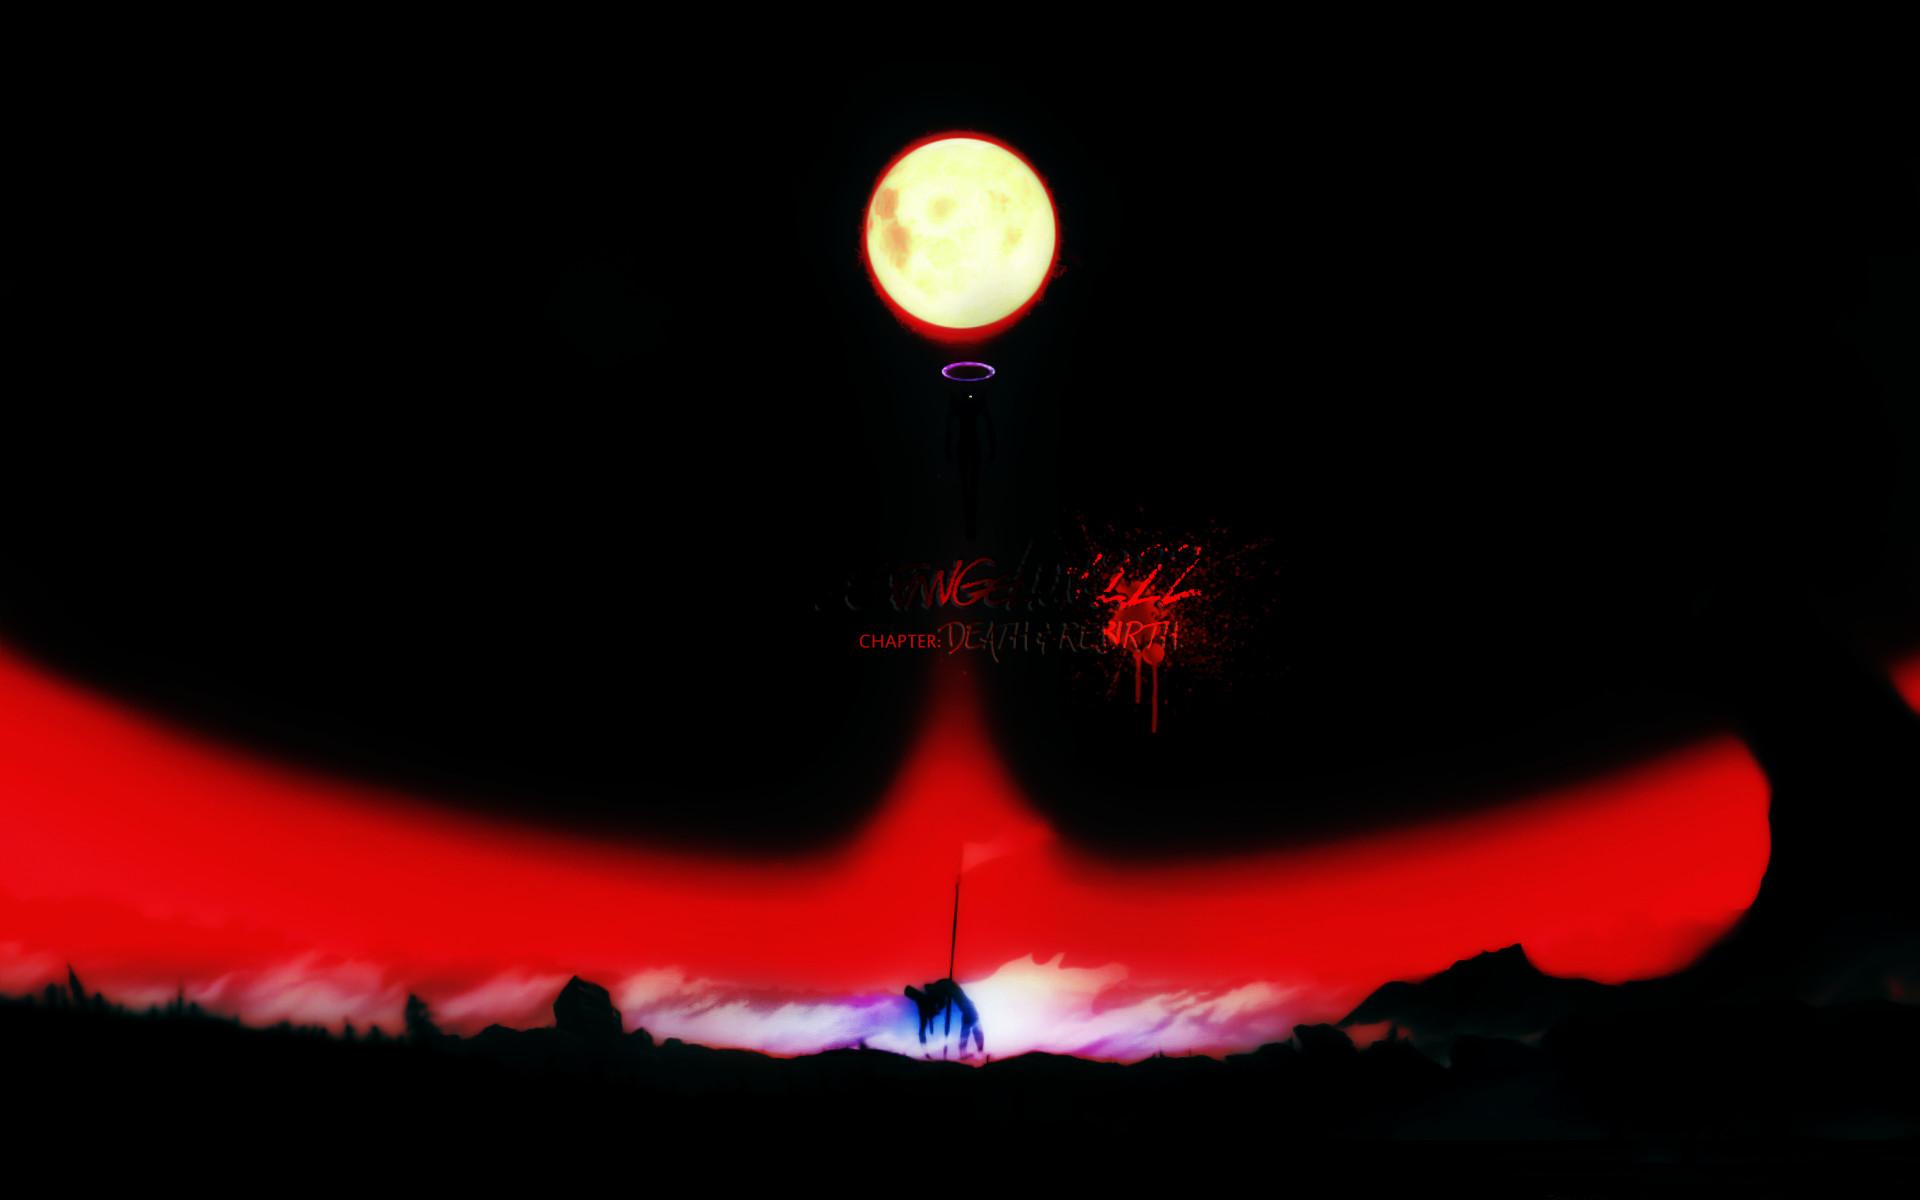 Neon Genesis Evangelion HD Wallpaper 1920×1080 Neon Genesis Evangelion HD  Wallpaper 1920×1200